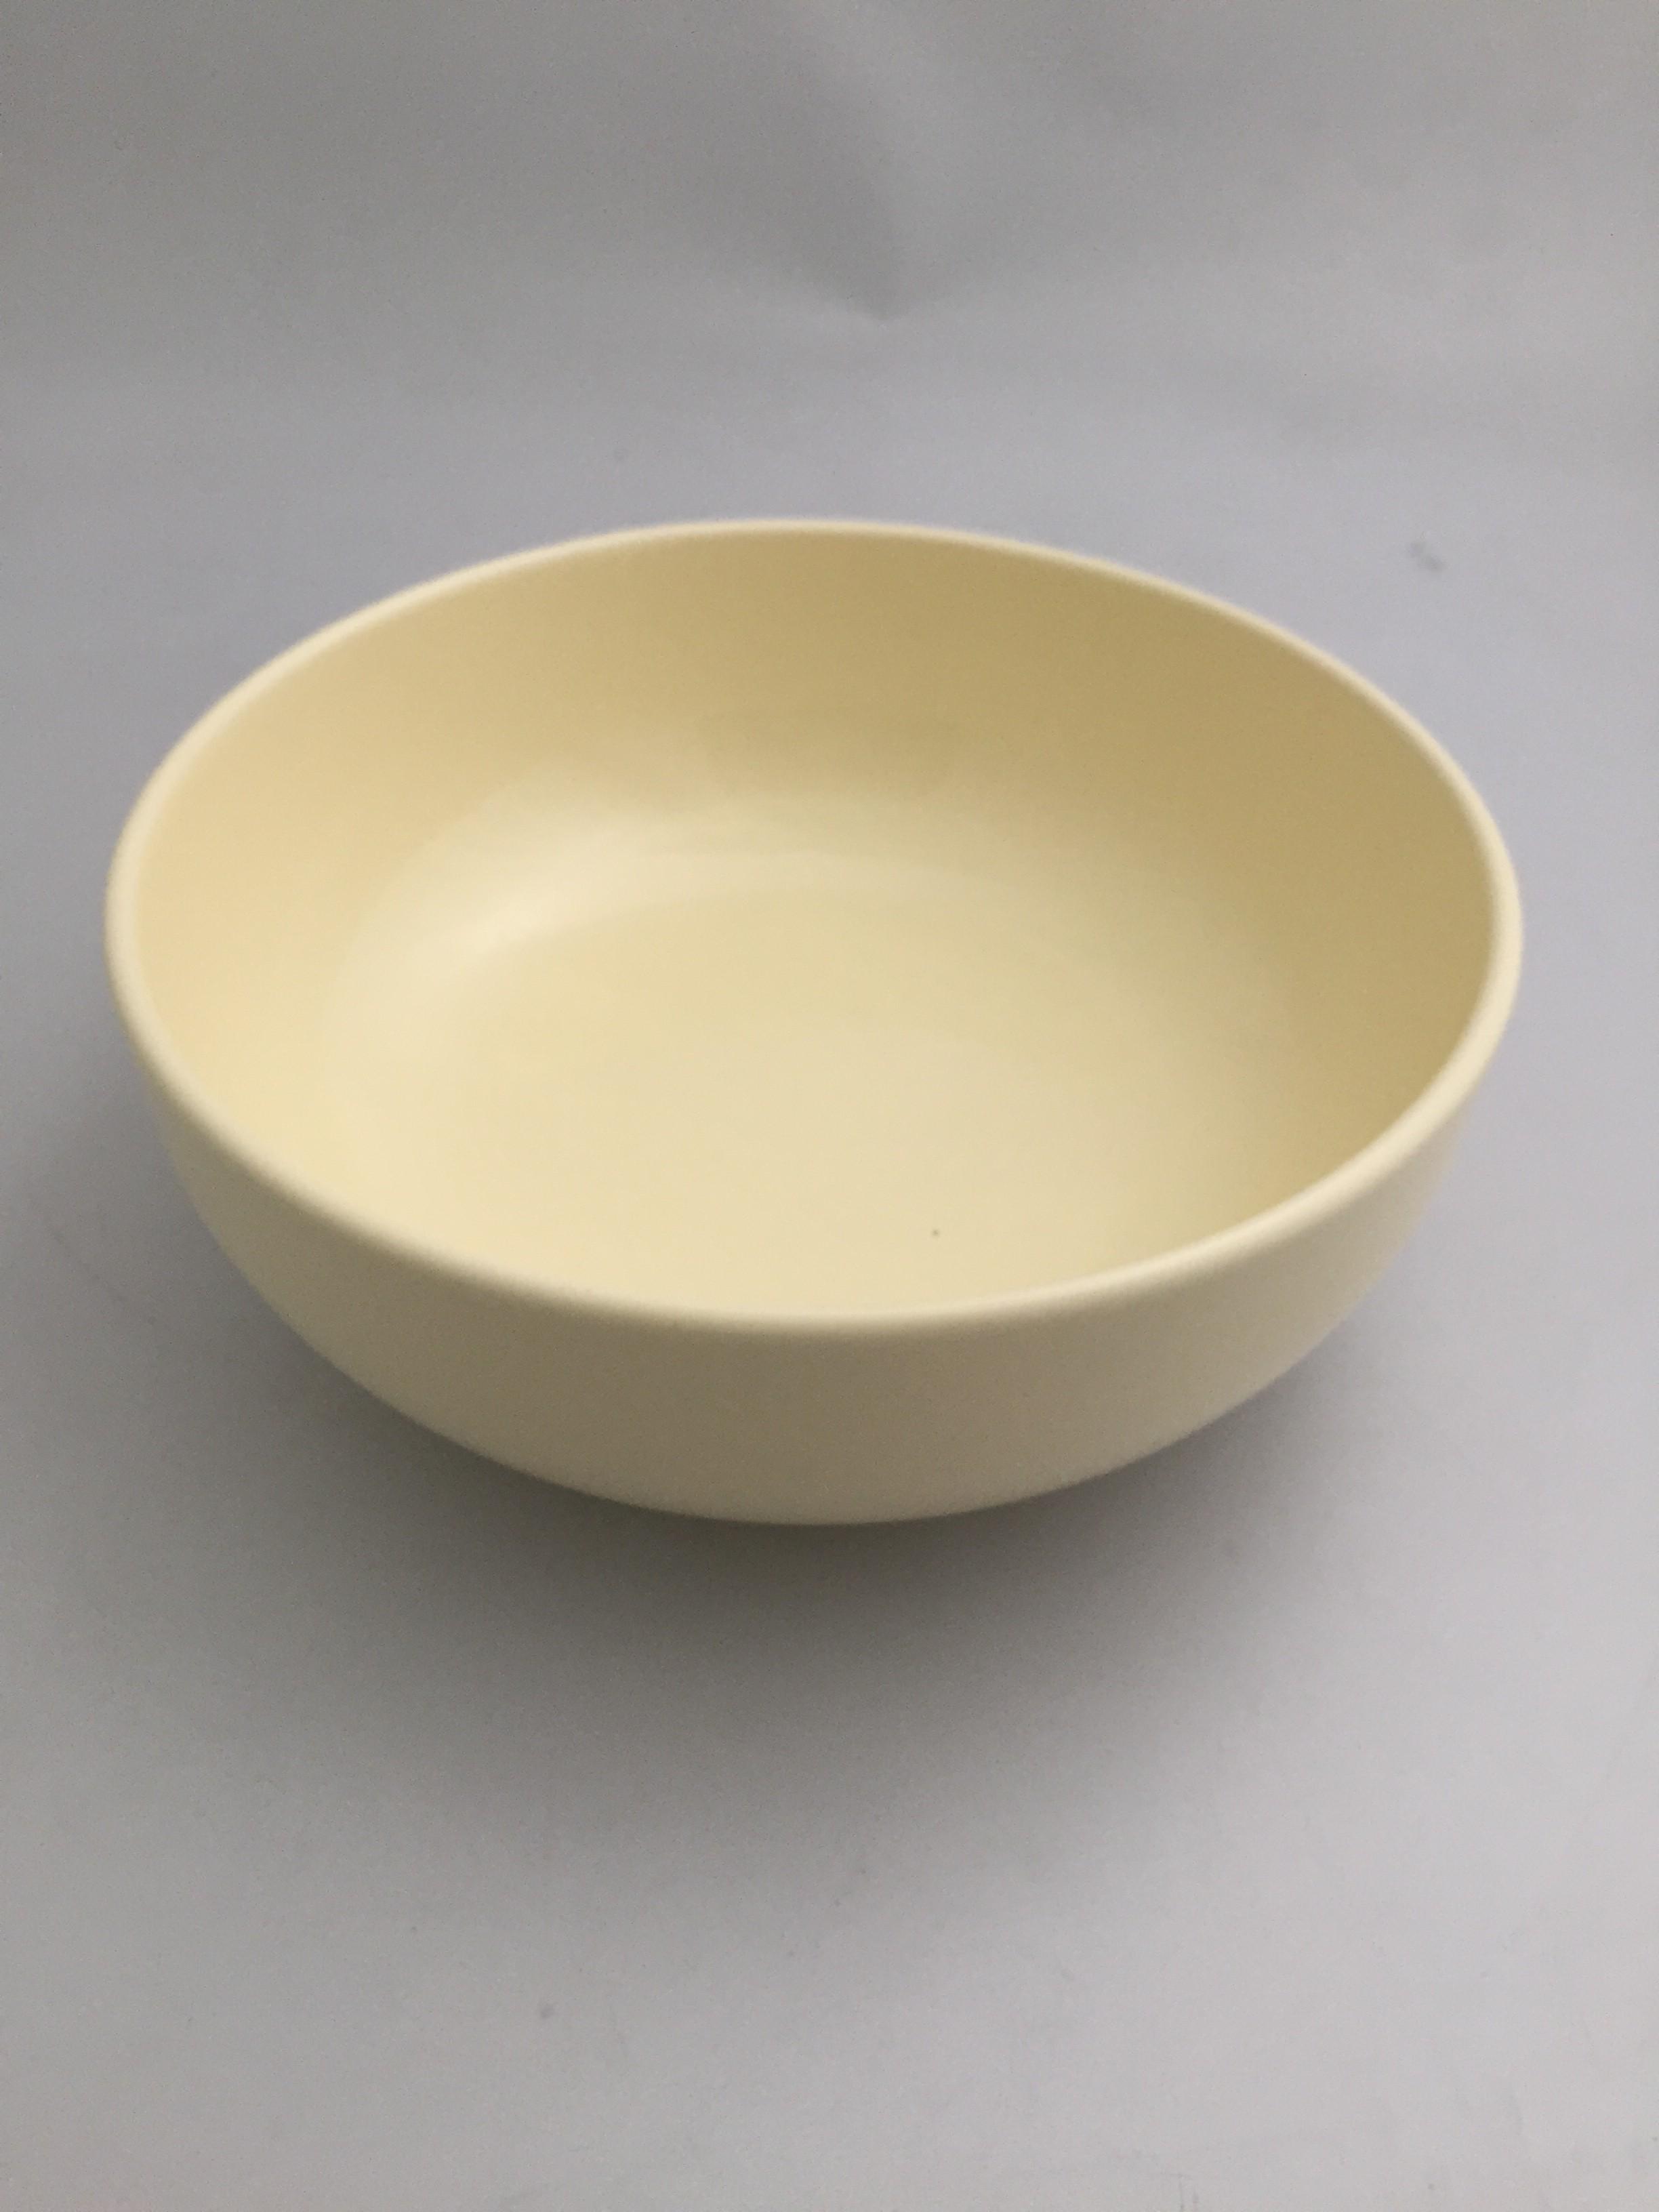 Μπολ Σαλάτας 20cm Κεραμικό Μπεζ Happy Ware Kera home   ειδη σερβιρισματος   σαλατιέρες